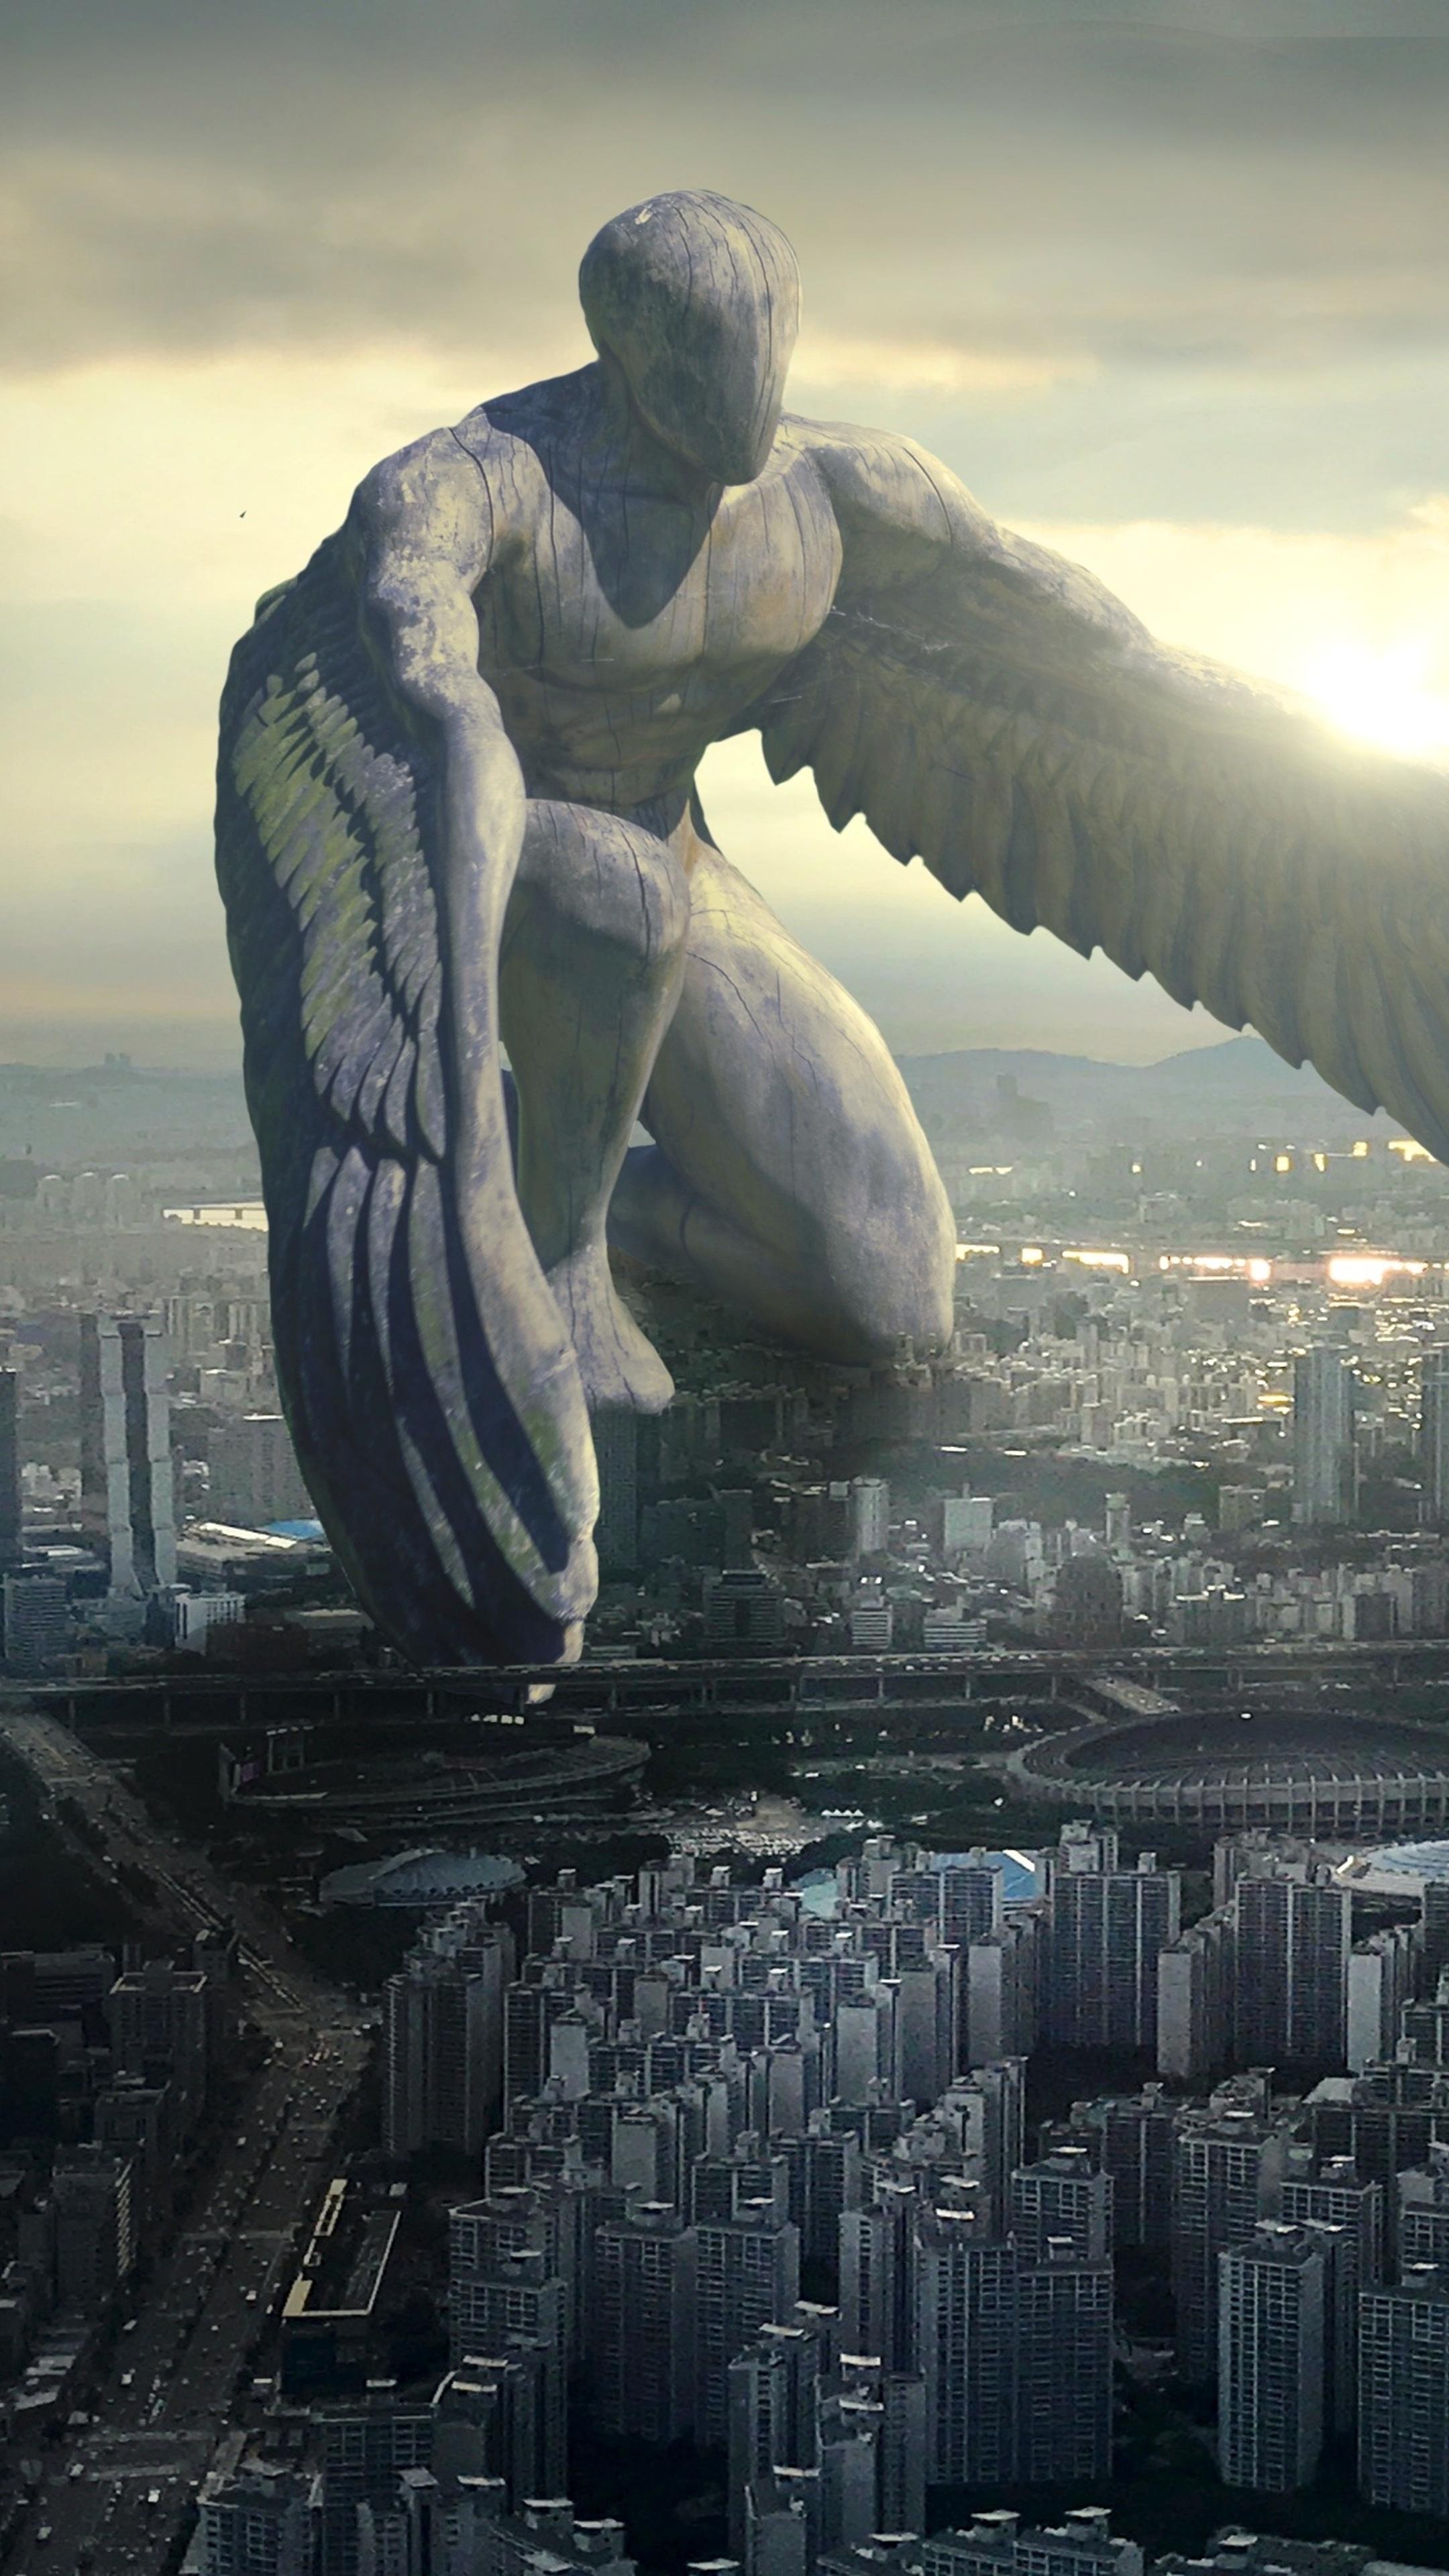 2160x3840 City Giant Angel Fantasy 5k Sony Xperia X,XZ,Z5 ...